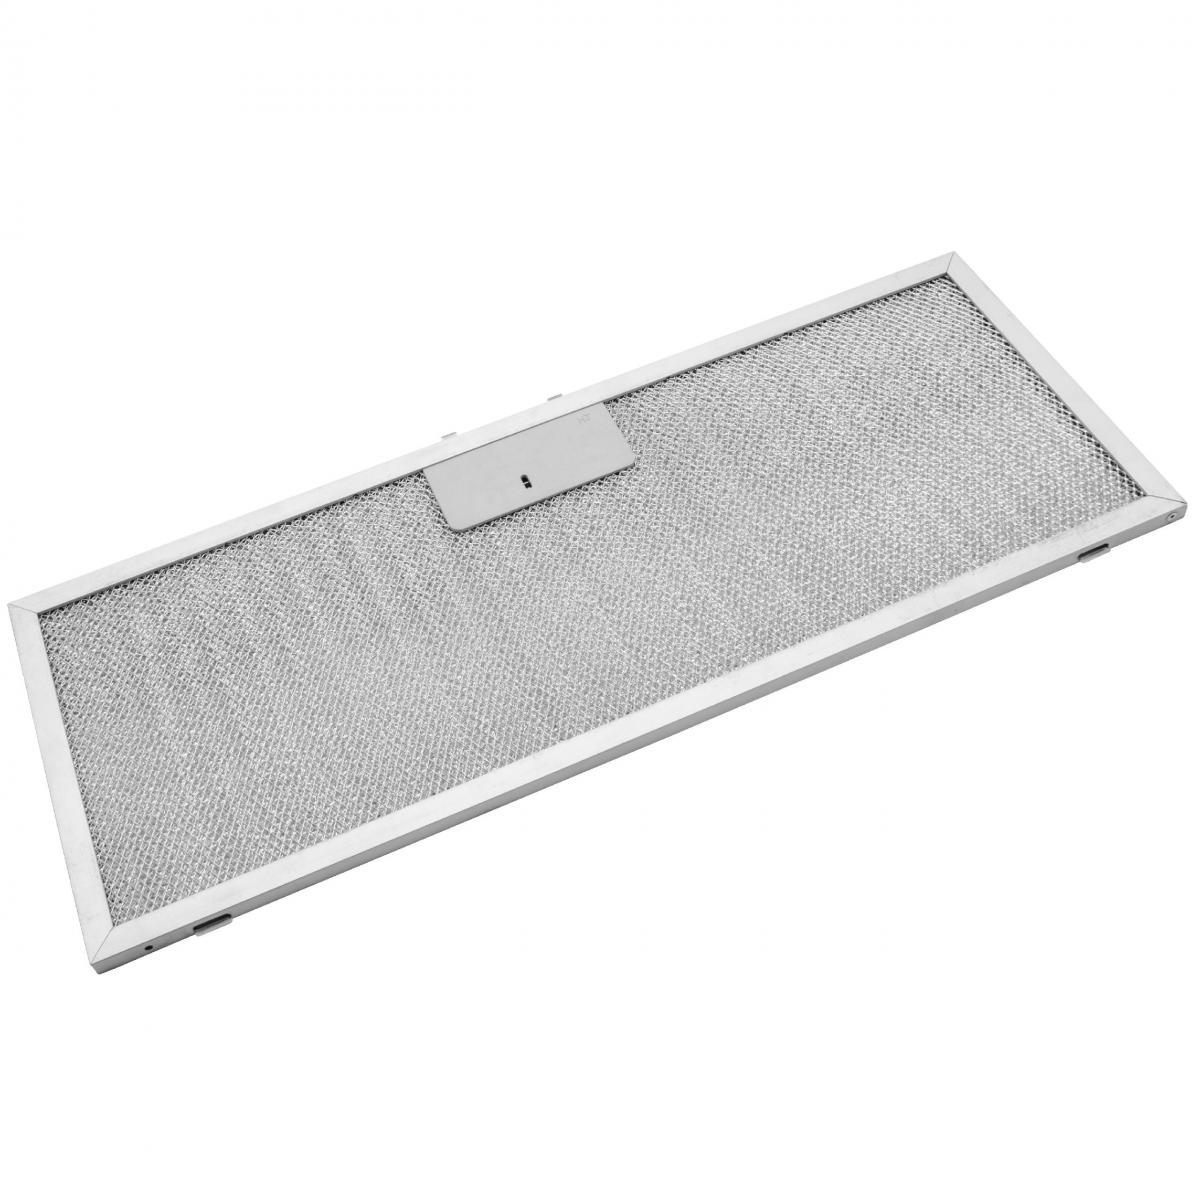 Vhbw vhbw Filtrepermanent filtre à graisse métallique 45,9 x 17,7 x 0,85 cm convient pour Whirlpool AKR 772, AKR 773 hottes d